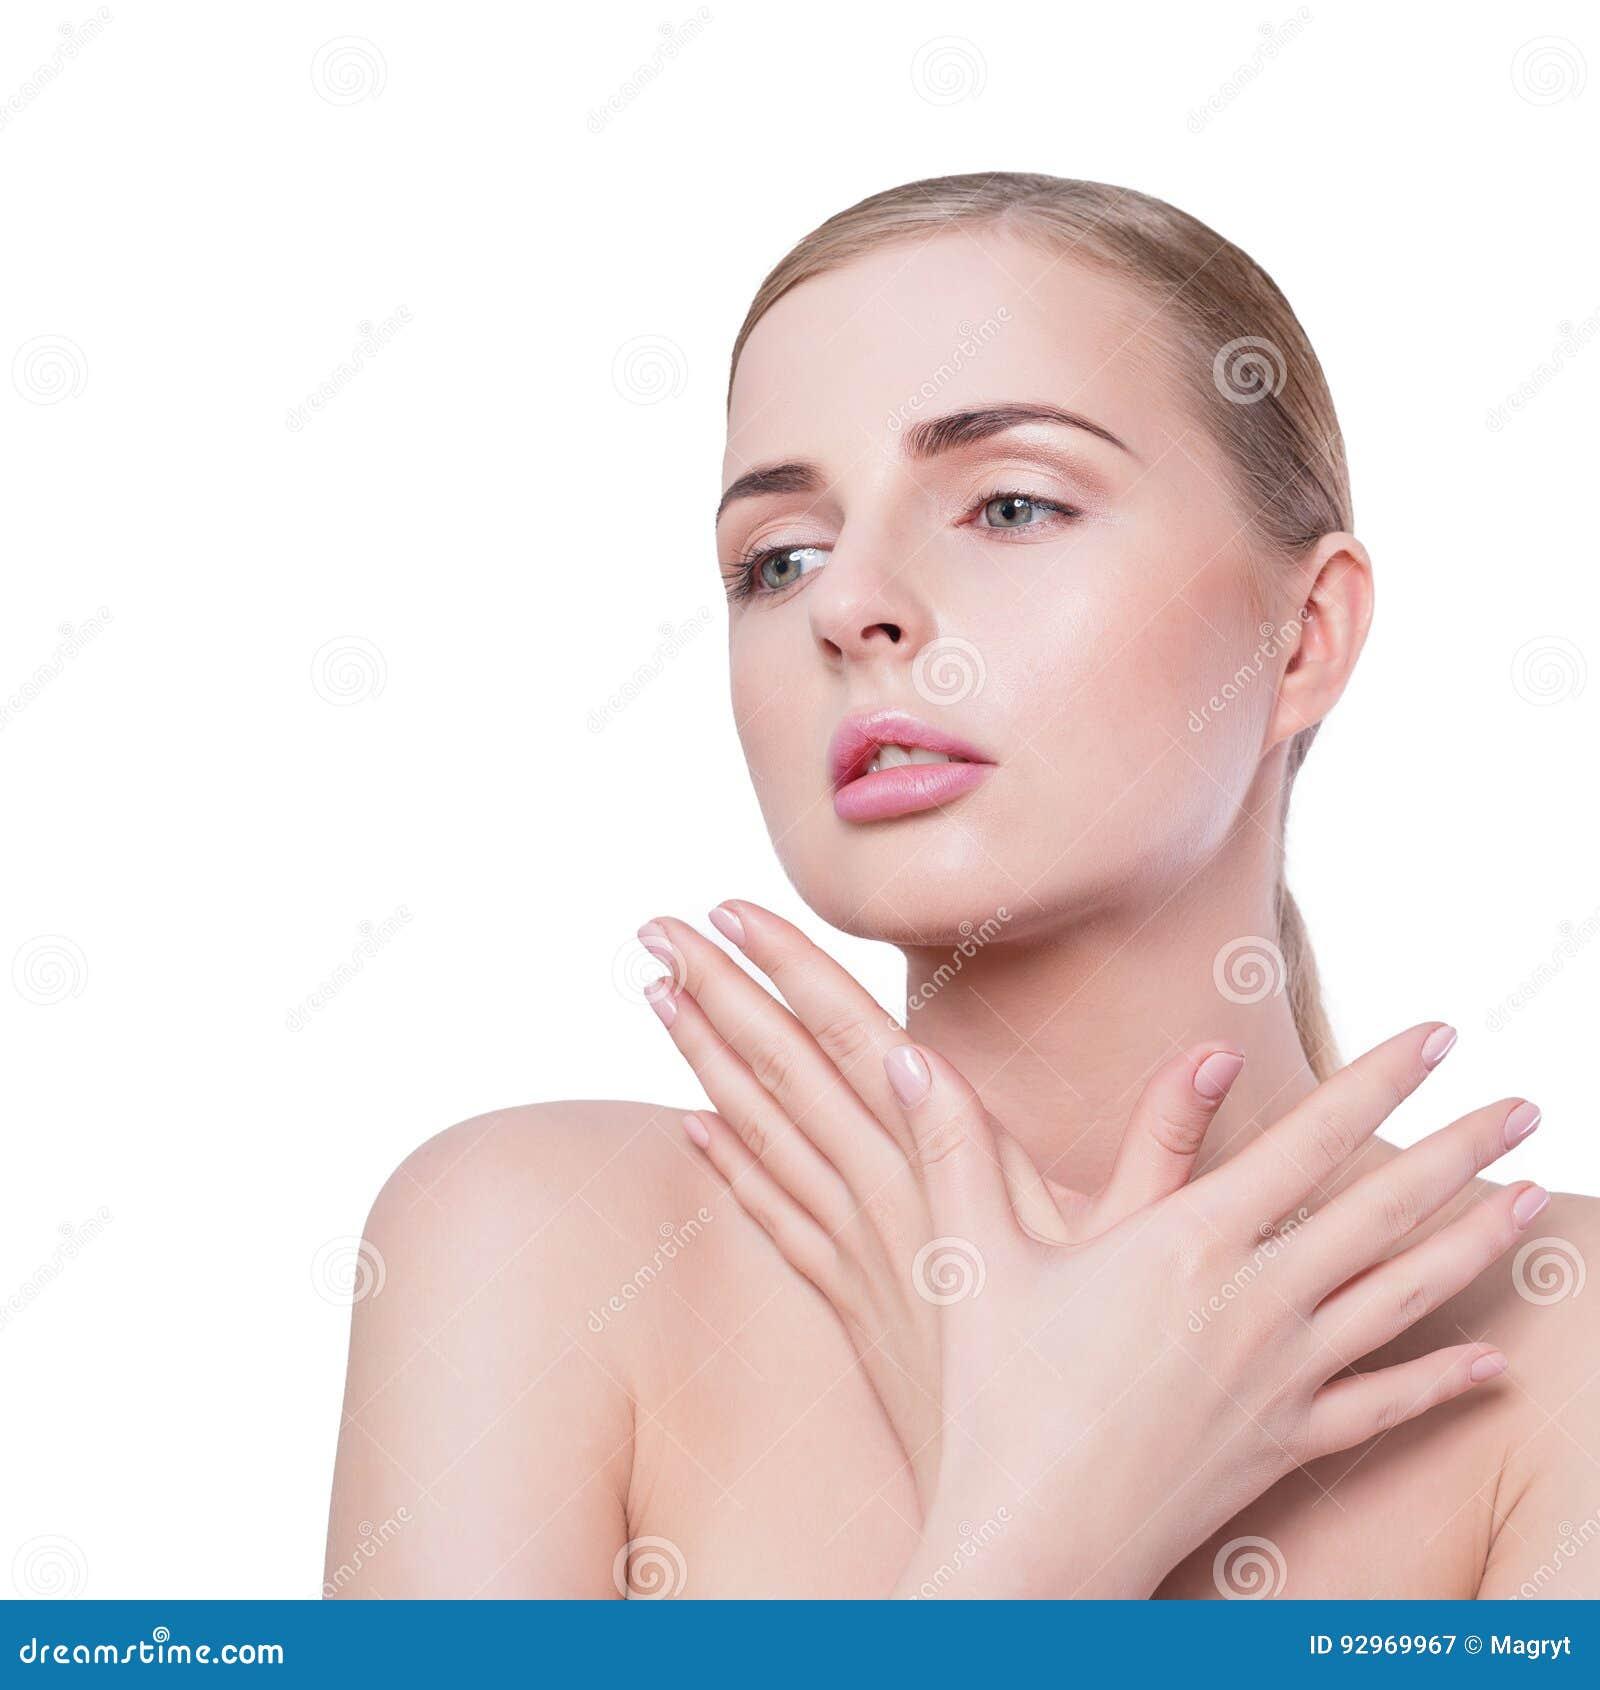 αναδρομική γυναίκα ΧΧ αναθεώρησης s πορτρέτου αιώνα ομορφιάς 20 Beautiful spa πρότυπο κορίτσι με το τέλειο φρέσκο καθαρό δέρμα κα